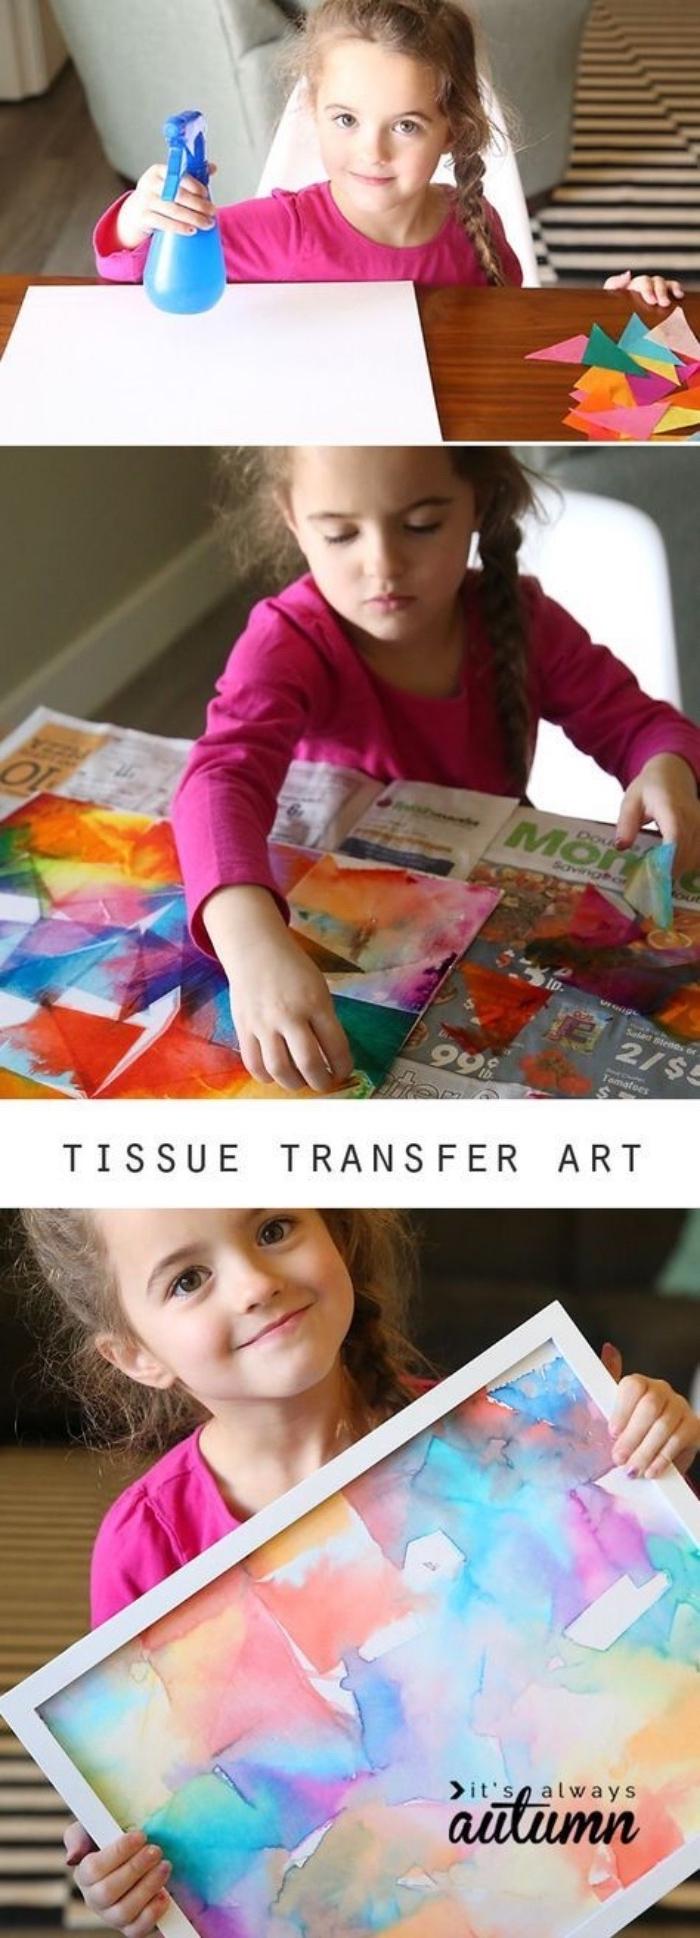 idée loisirs créatifs, activité manuelle maternelle primaire, une toile, décorée à motifs colorés, dessin créatif enfant